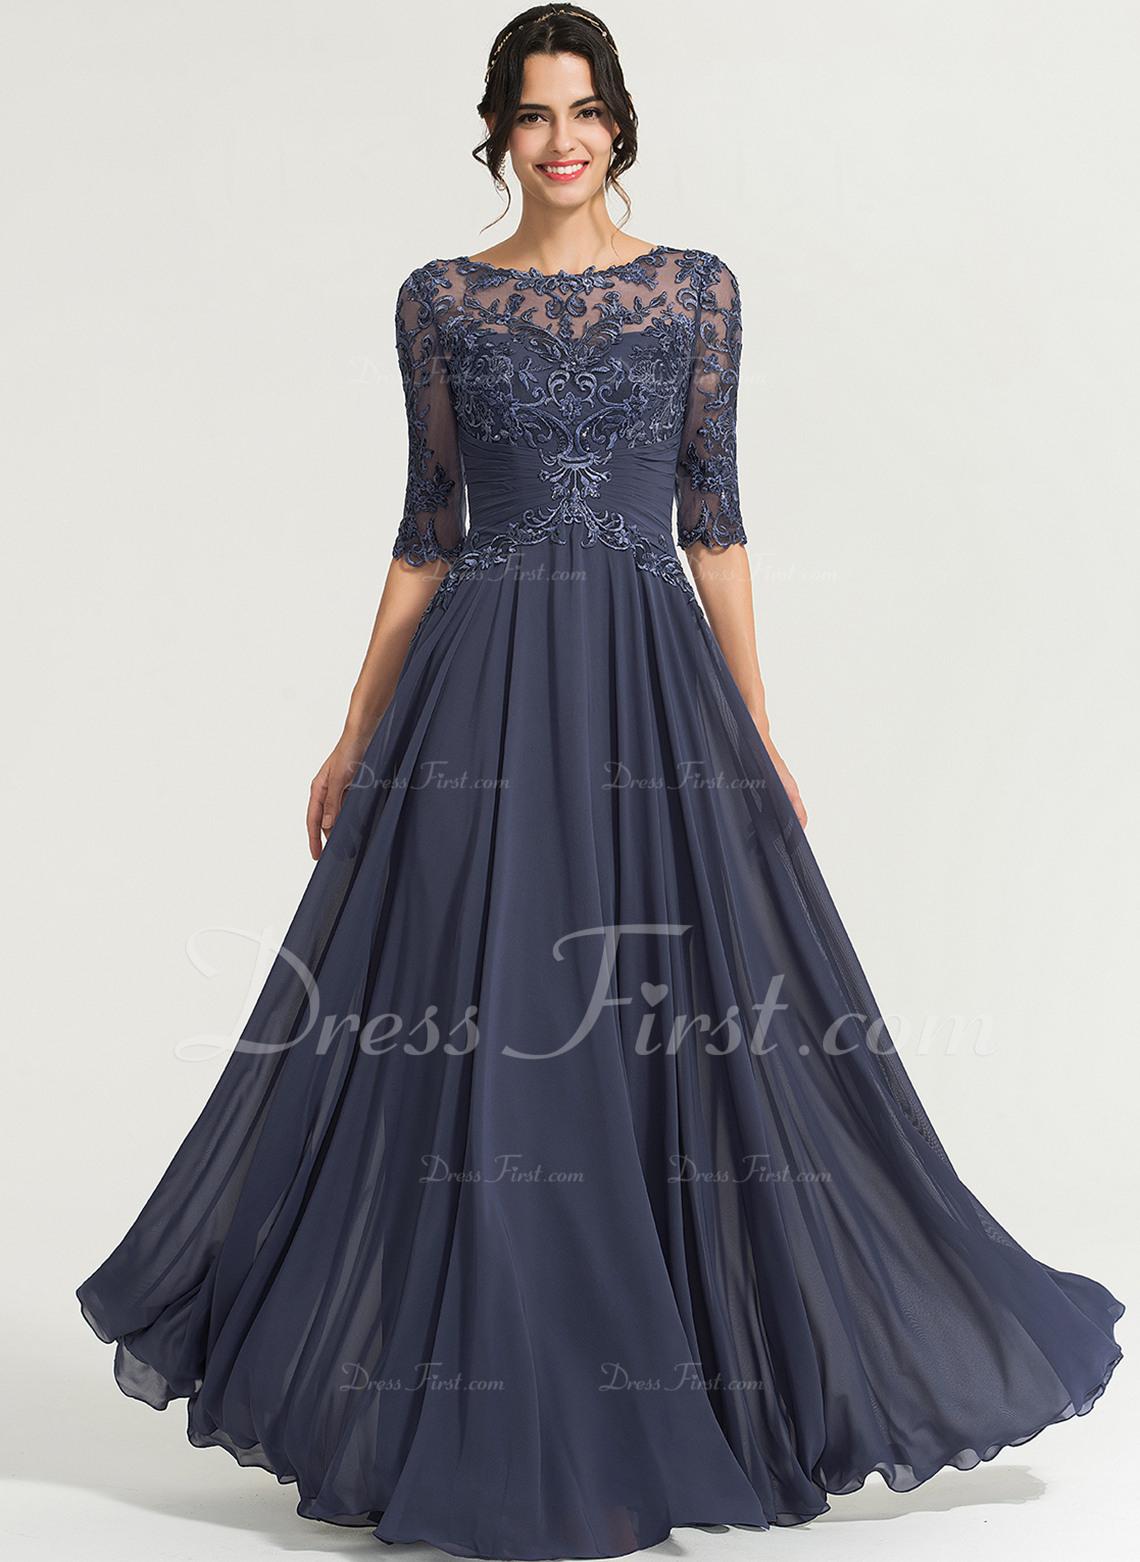 20 Luxus Abendkleider Pailletten Stylish17 Luxus Abendkleider Pailletten Stylish